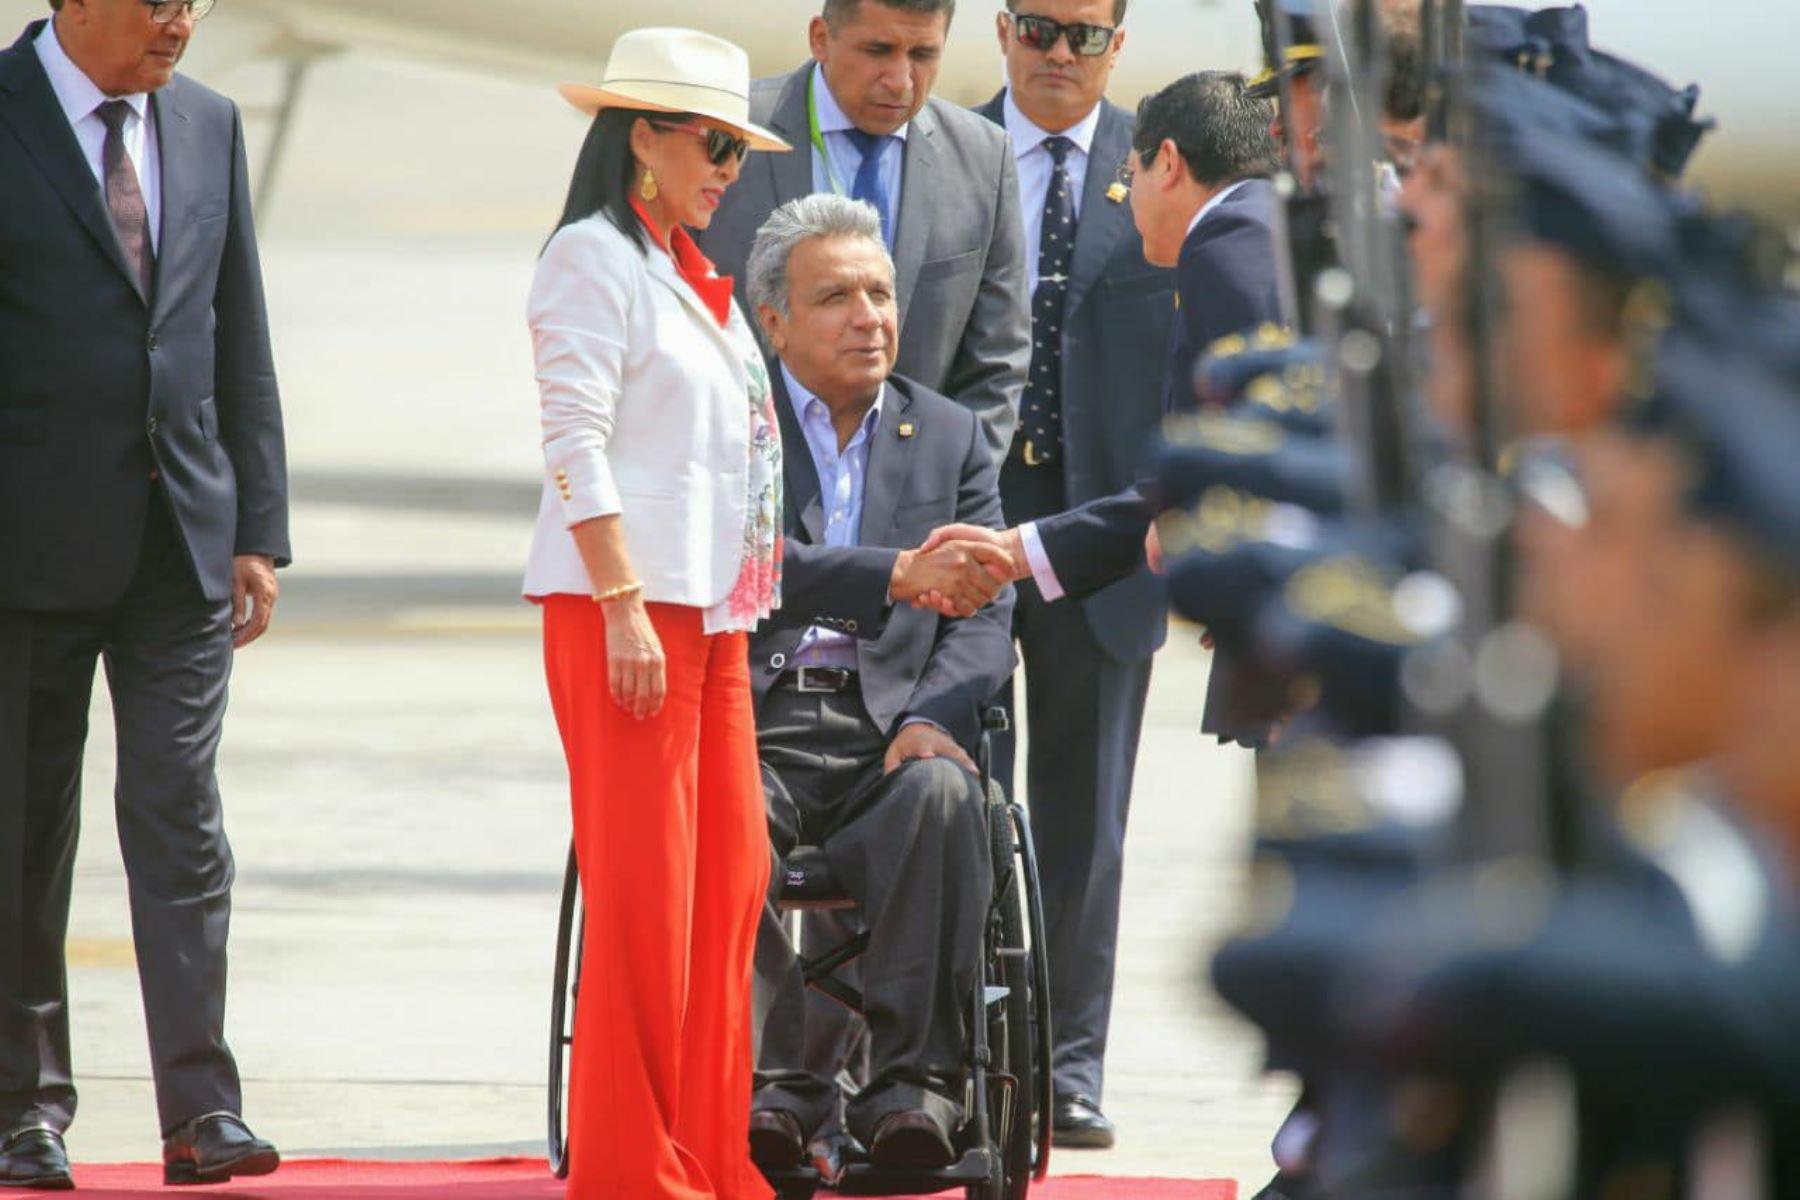 Debemos unirnos para luchar contra la corrupción — Martín Vizcarra